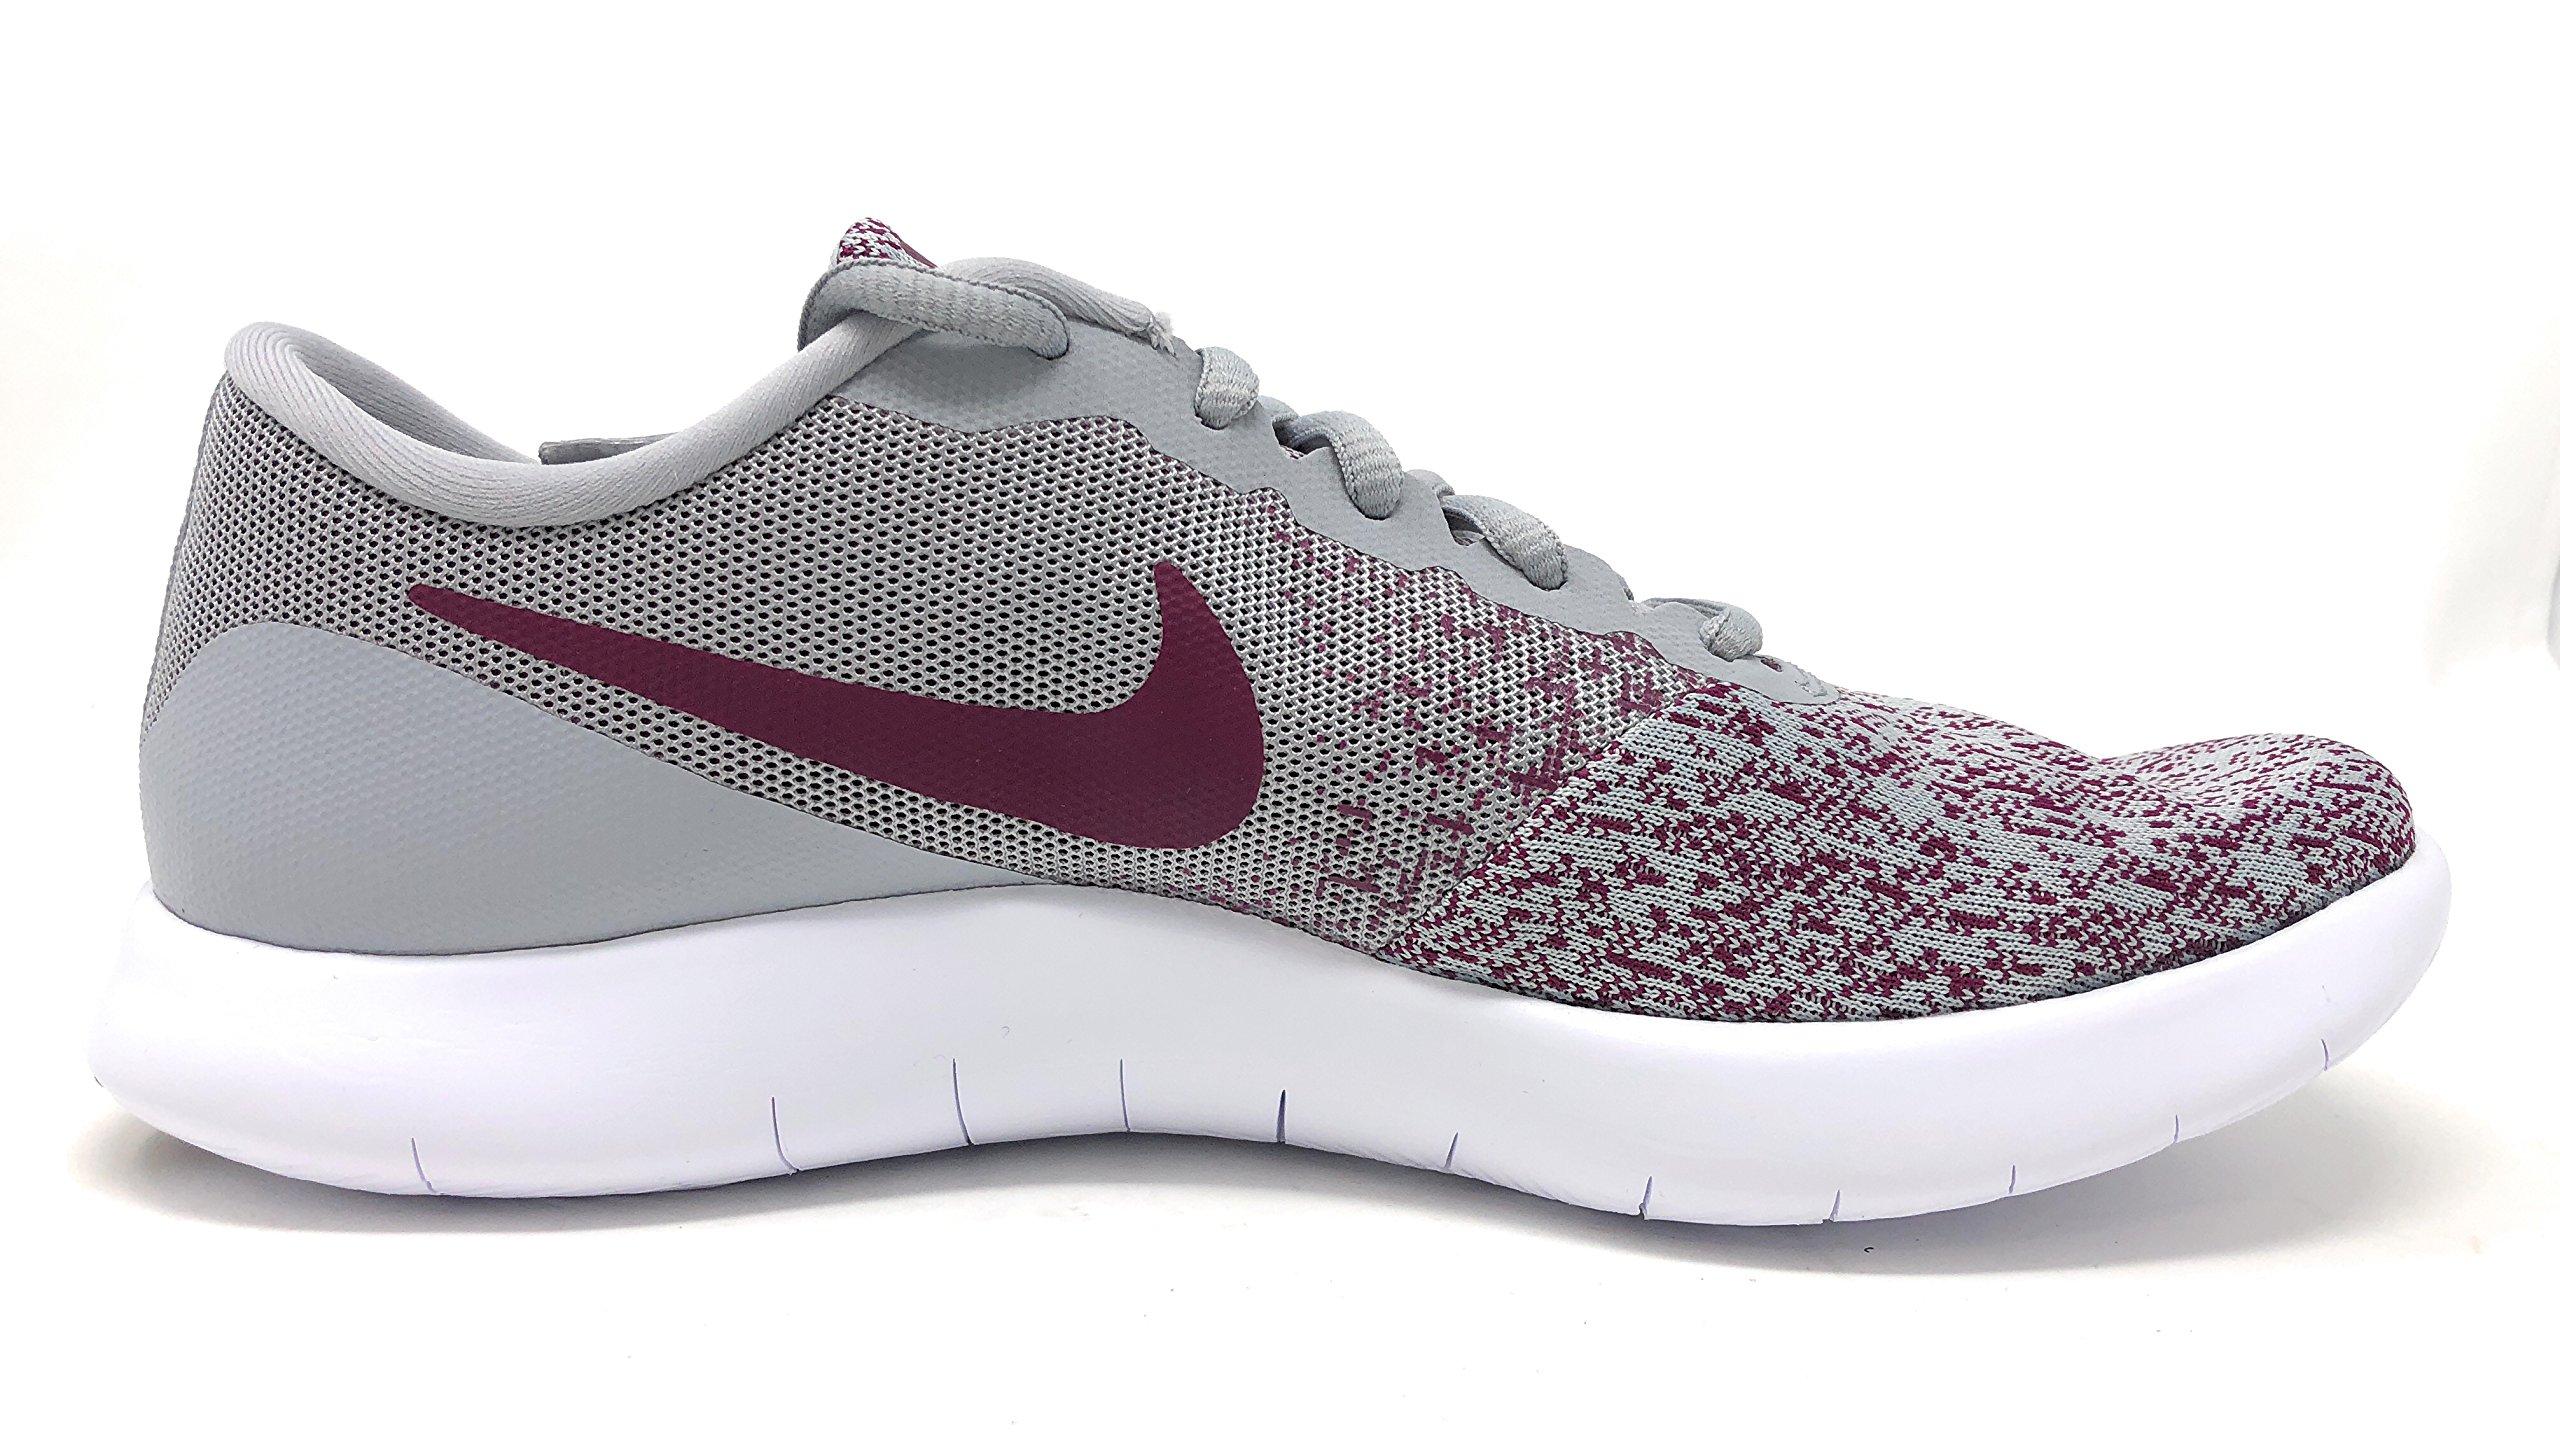 NIKE Womens Flex Contact Wolf Grey/Bordeaux-White Running Shoe 9 Women US